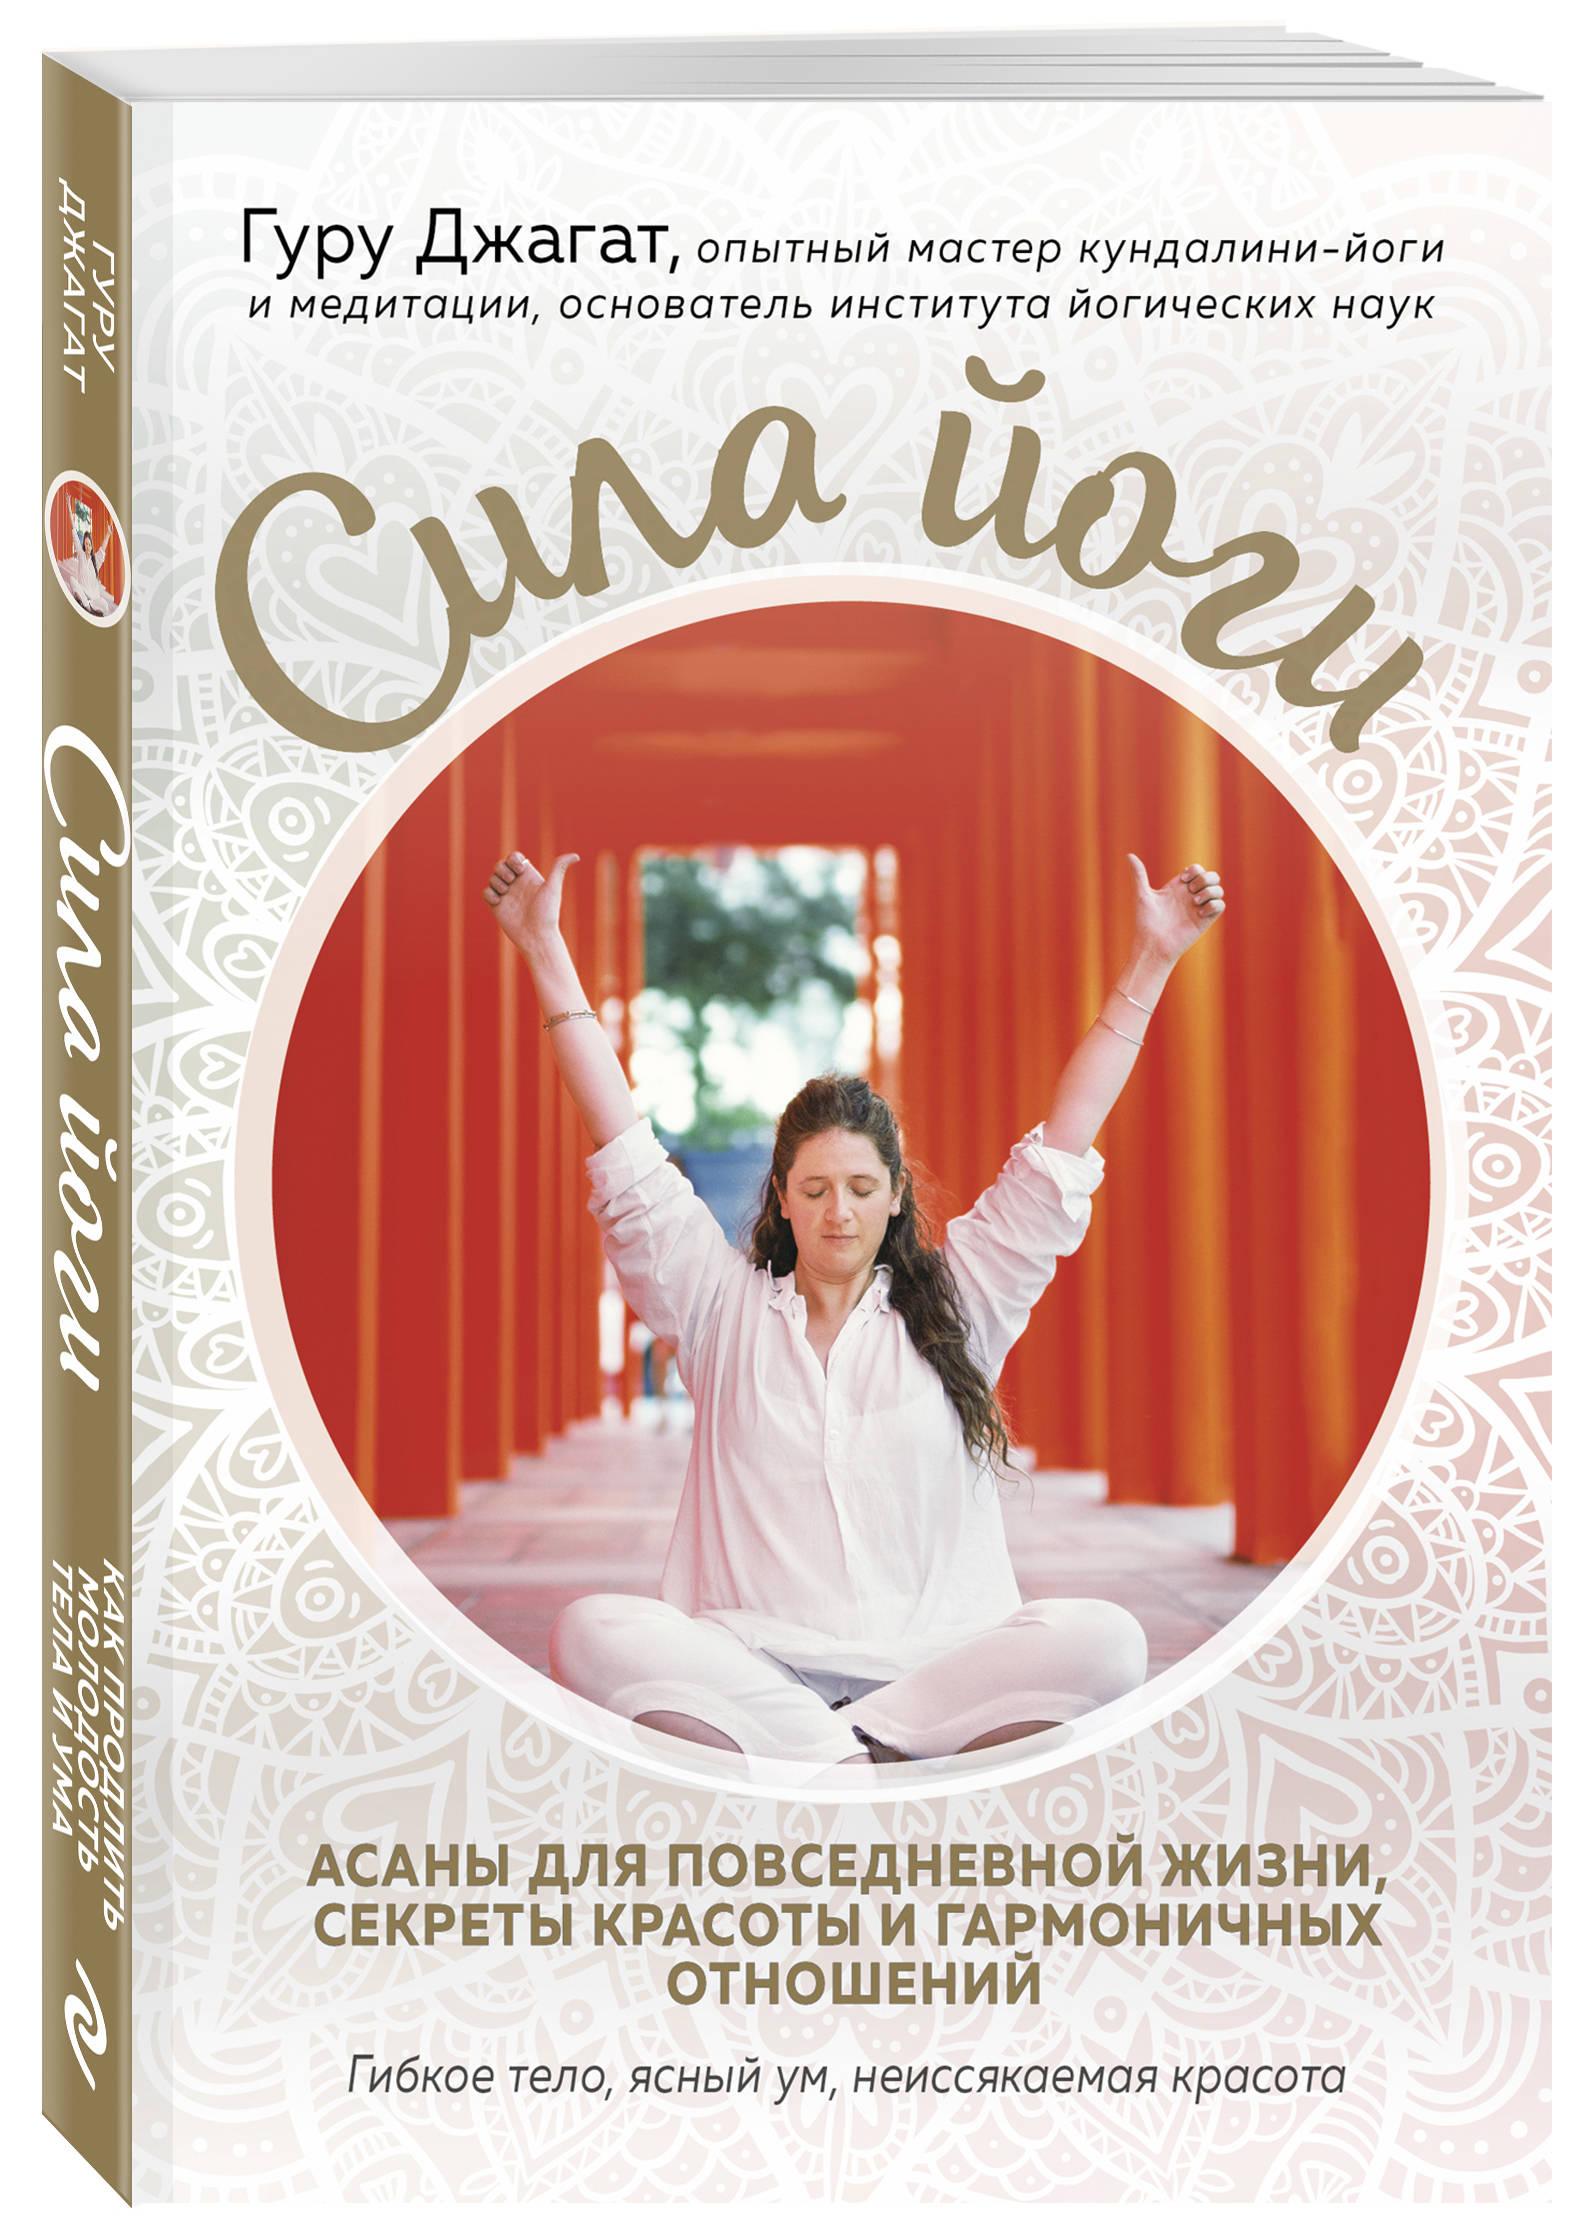 Сила йоги. Асаны для повседневной жизни, секреты красоты и гармоничных отношений ( Джагат Гуру  )